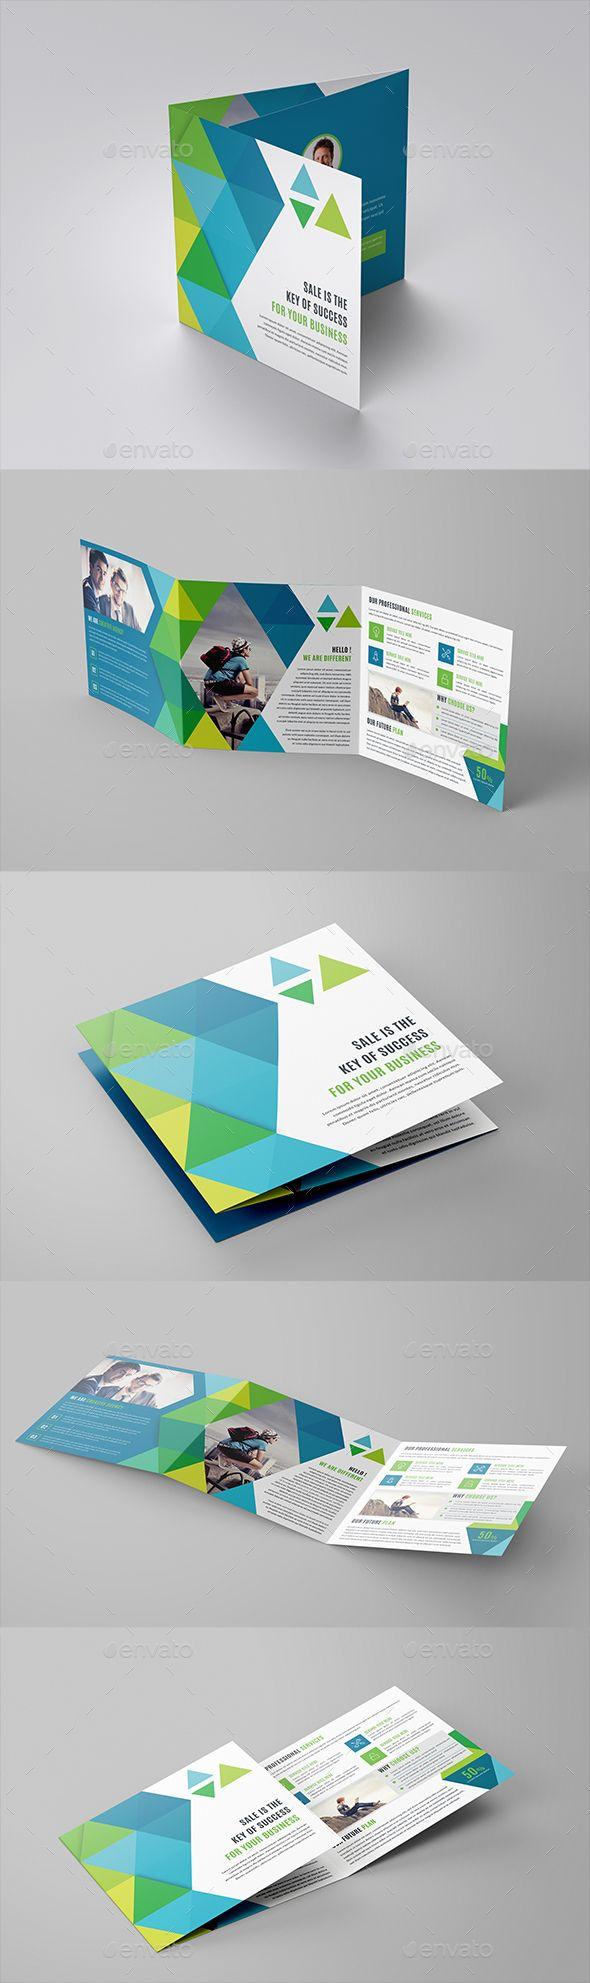 Square Tri-Fold Brochure Template   Brochure empresarial y Portafolio